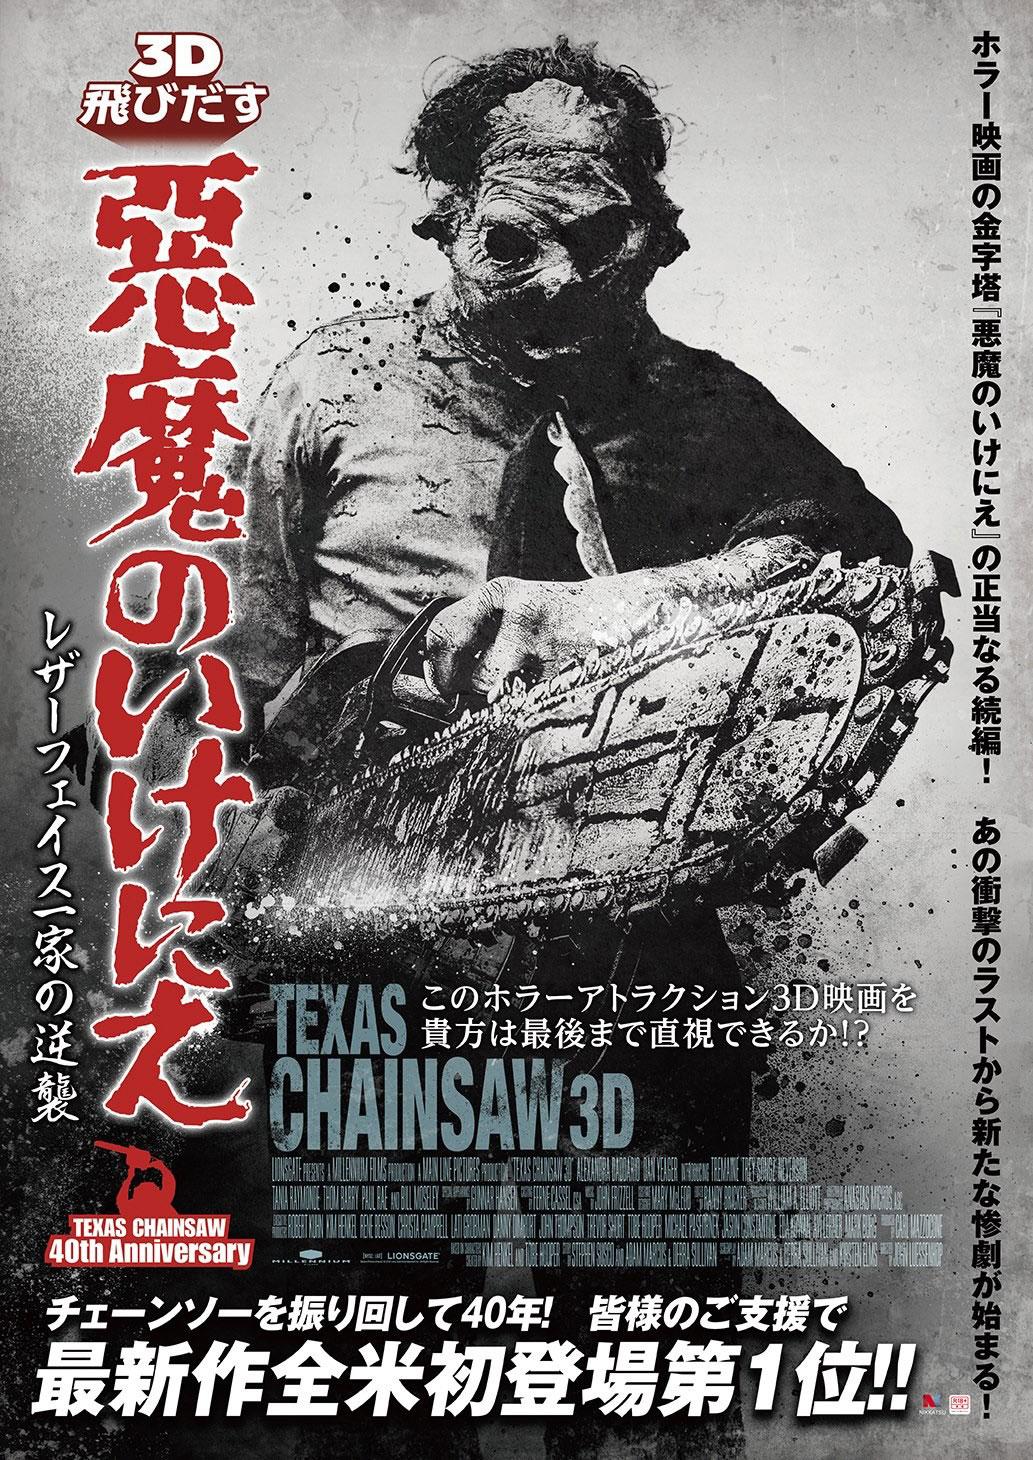 http://2.bp.blogspot.com/-C5eh41ajVjQ/UXfTVIfsUCI/AAAAAAAALYg/y0uiMvU7daA/s1600/texas-chainsaw-massacre-3d-poster.jpg